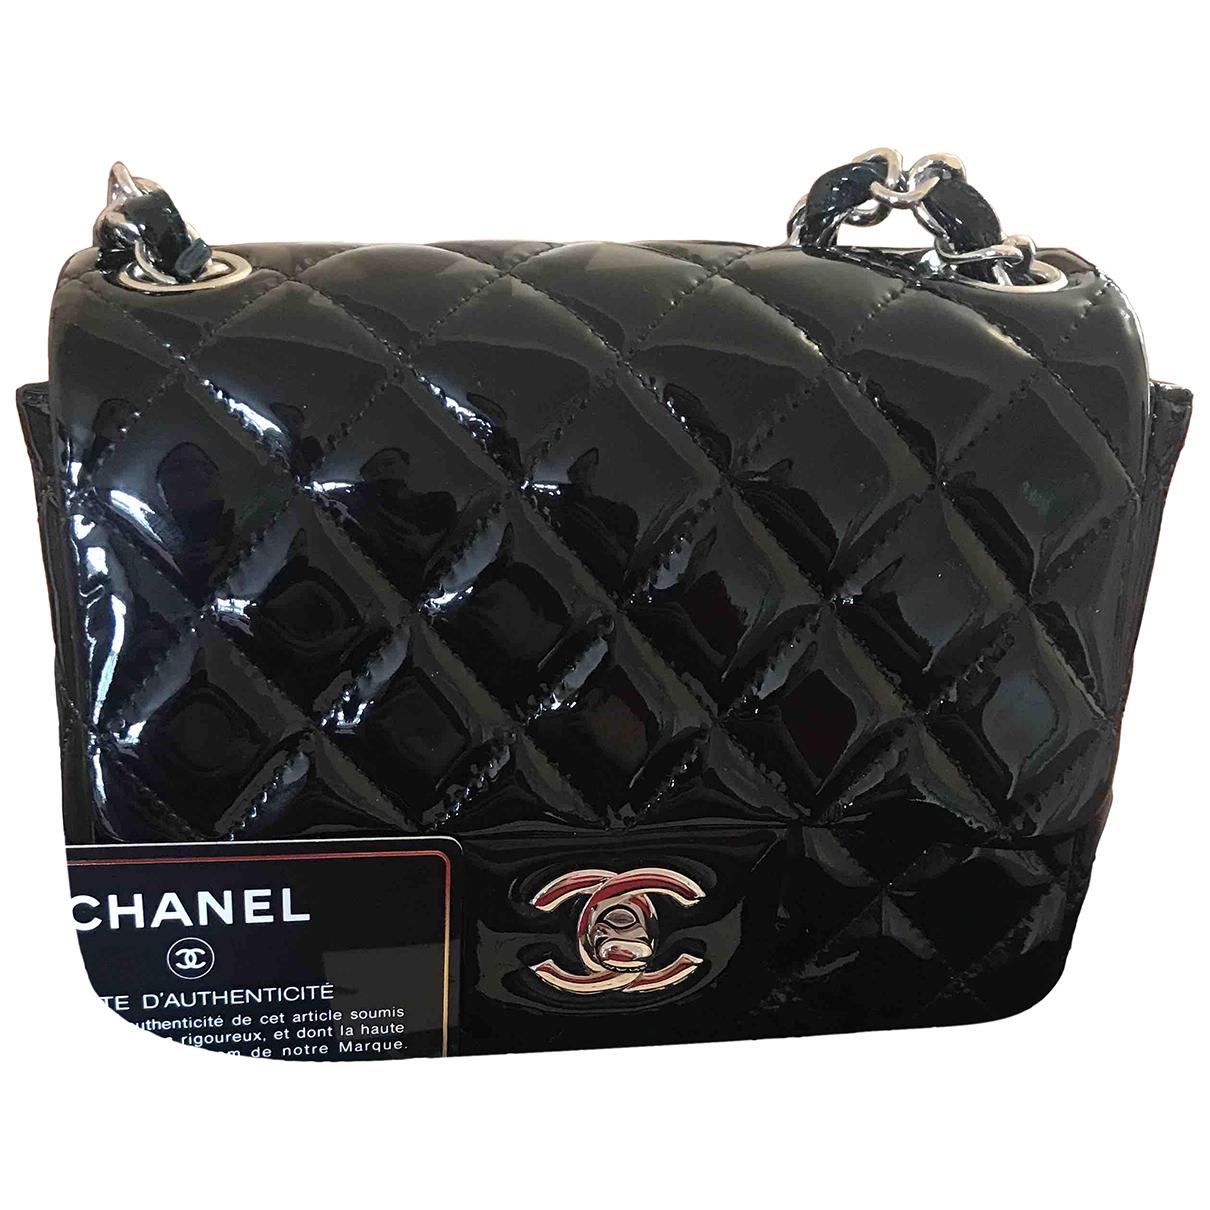 Chanel - Sac a main Timeless/Classique pour femme en cuir verni - noir